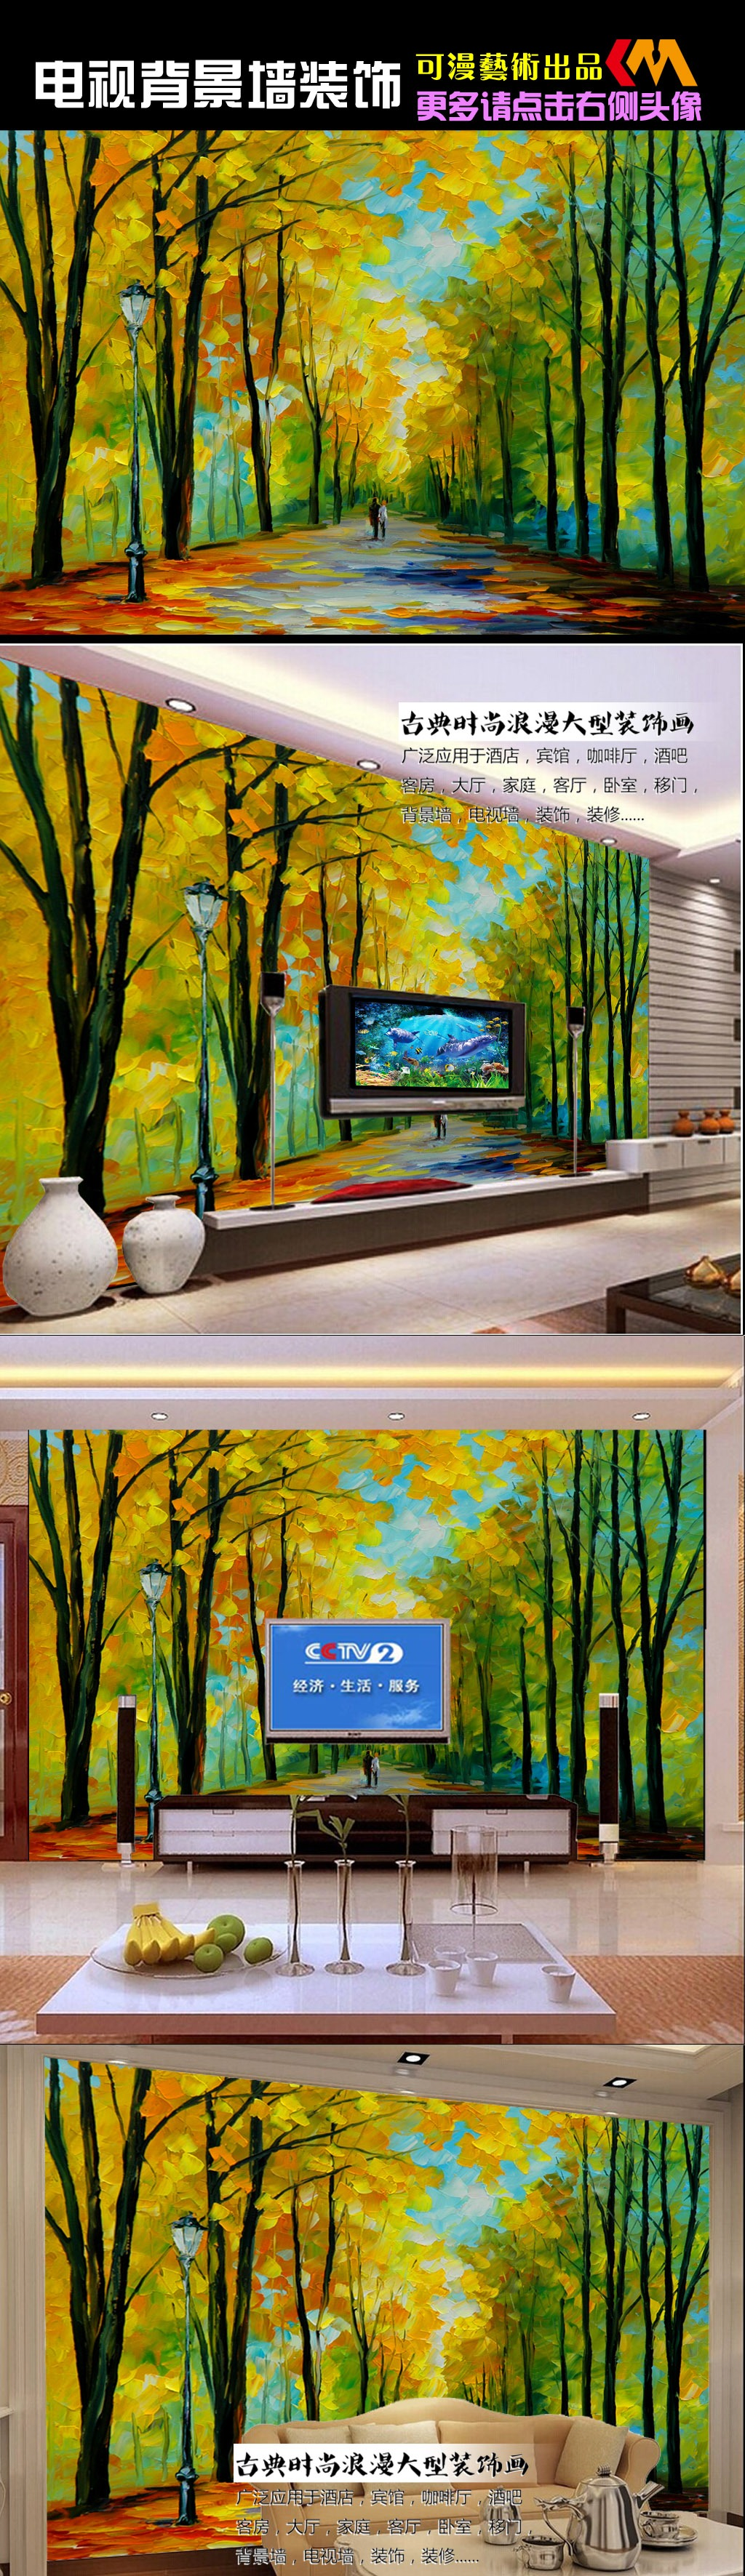 金色秋天手绘油画风景画电视背景墙